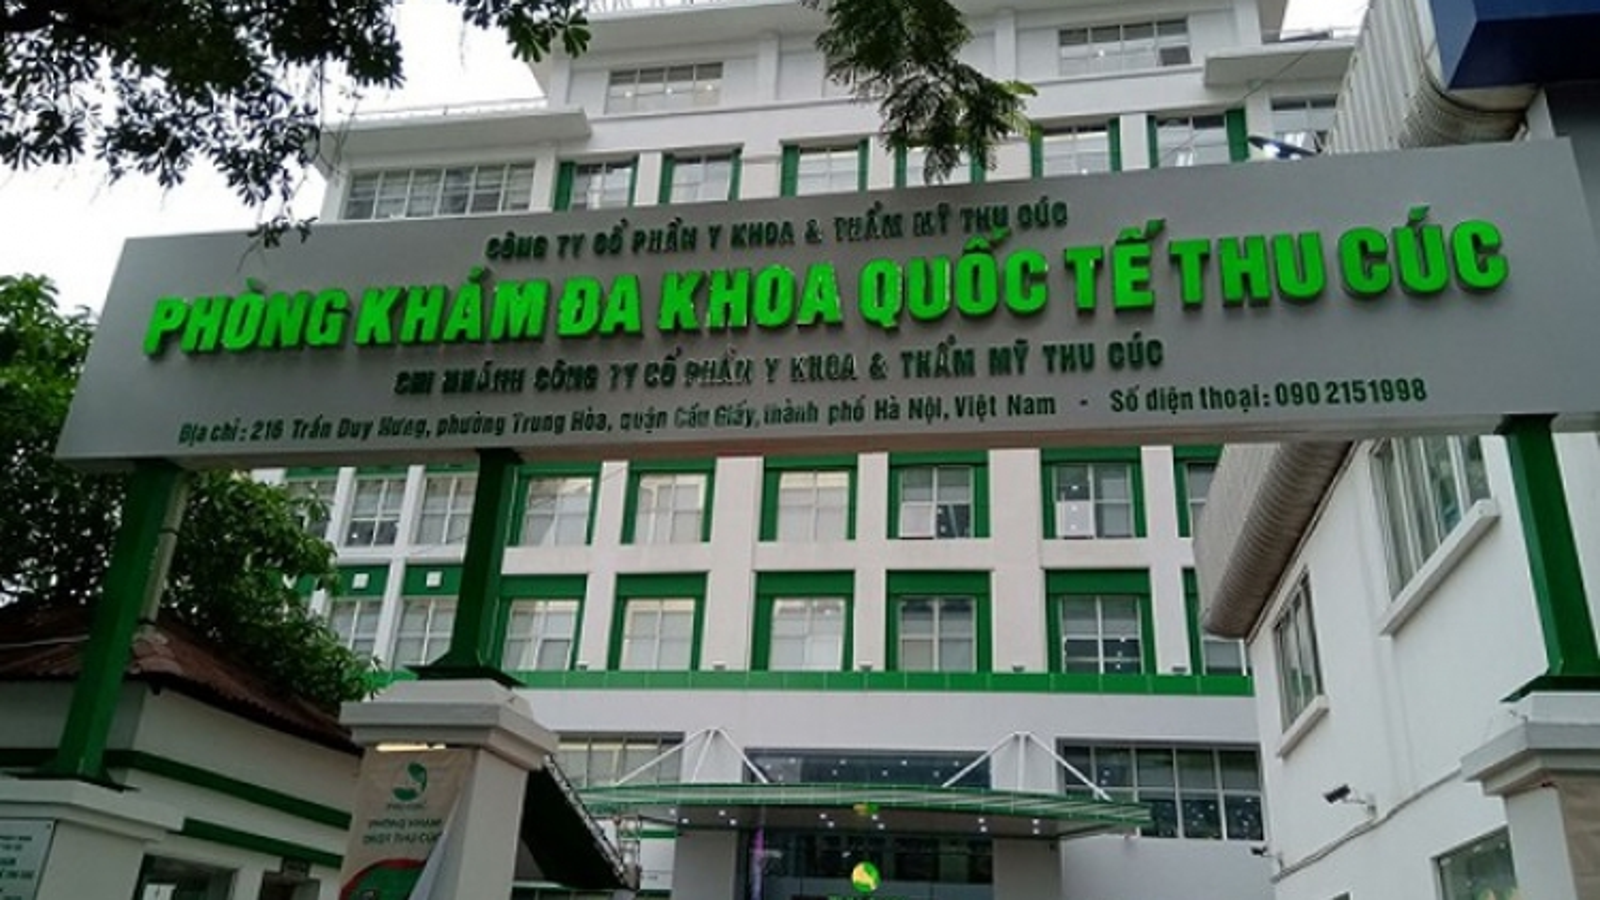 Hà Nội đình chỉ hoạt động Phòng khám Đa khoa quốc tế Thu Cúc